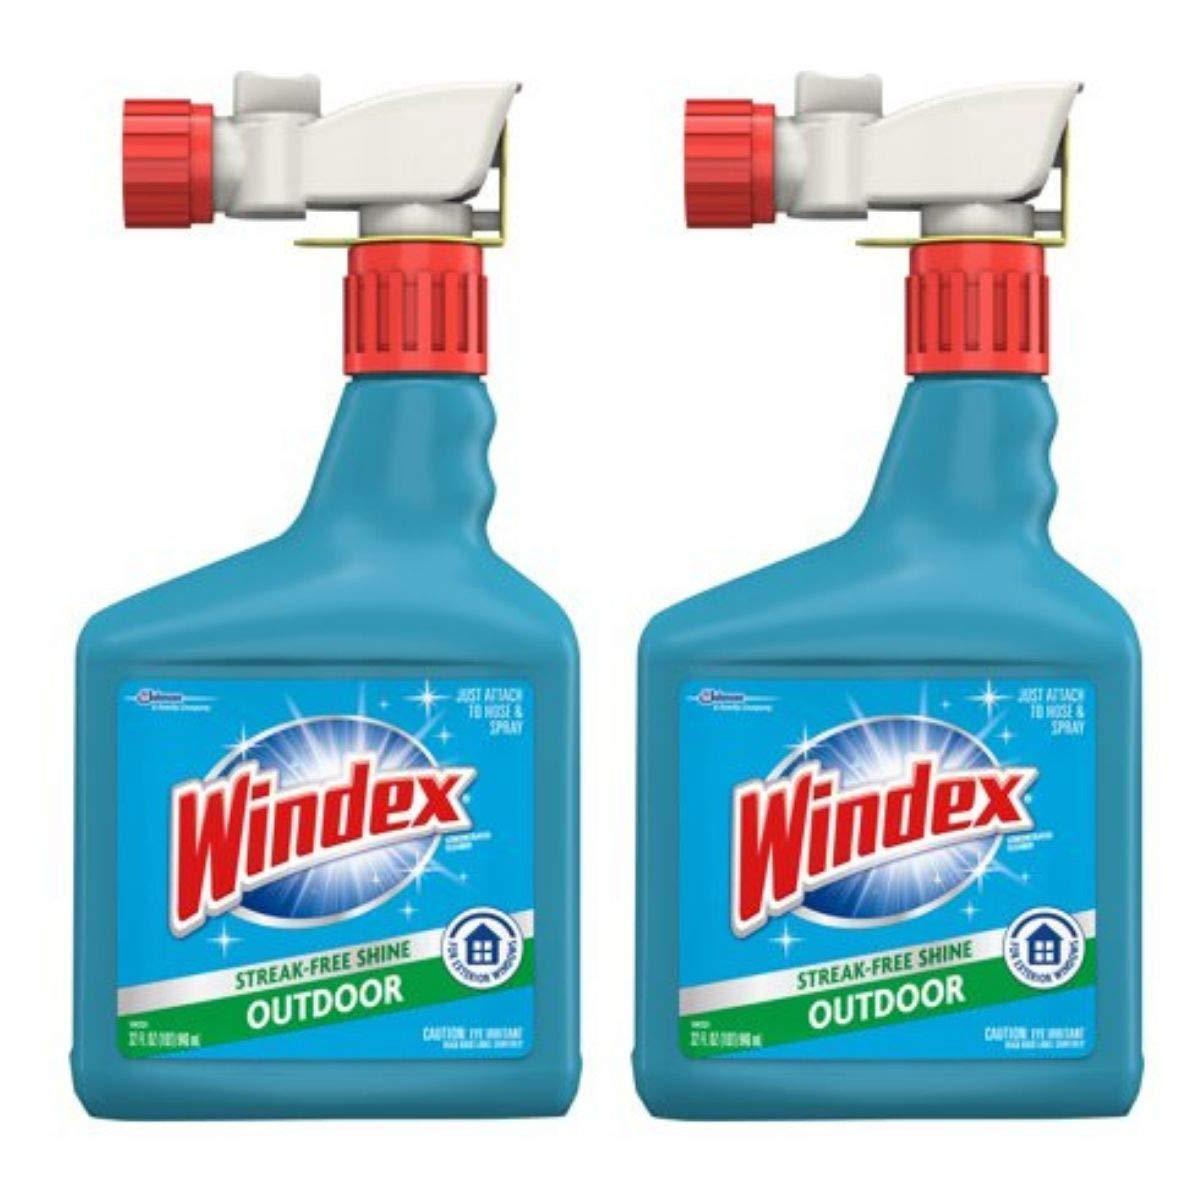 Windex Outdoor Sprayer, Blue Bottle, 32 fl oz (Pack of 2)